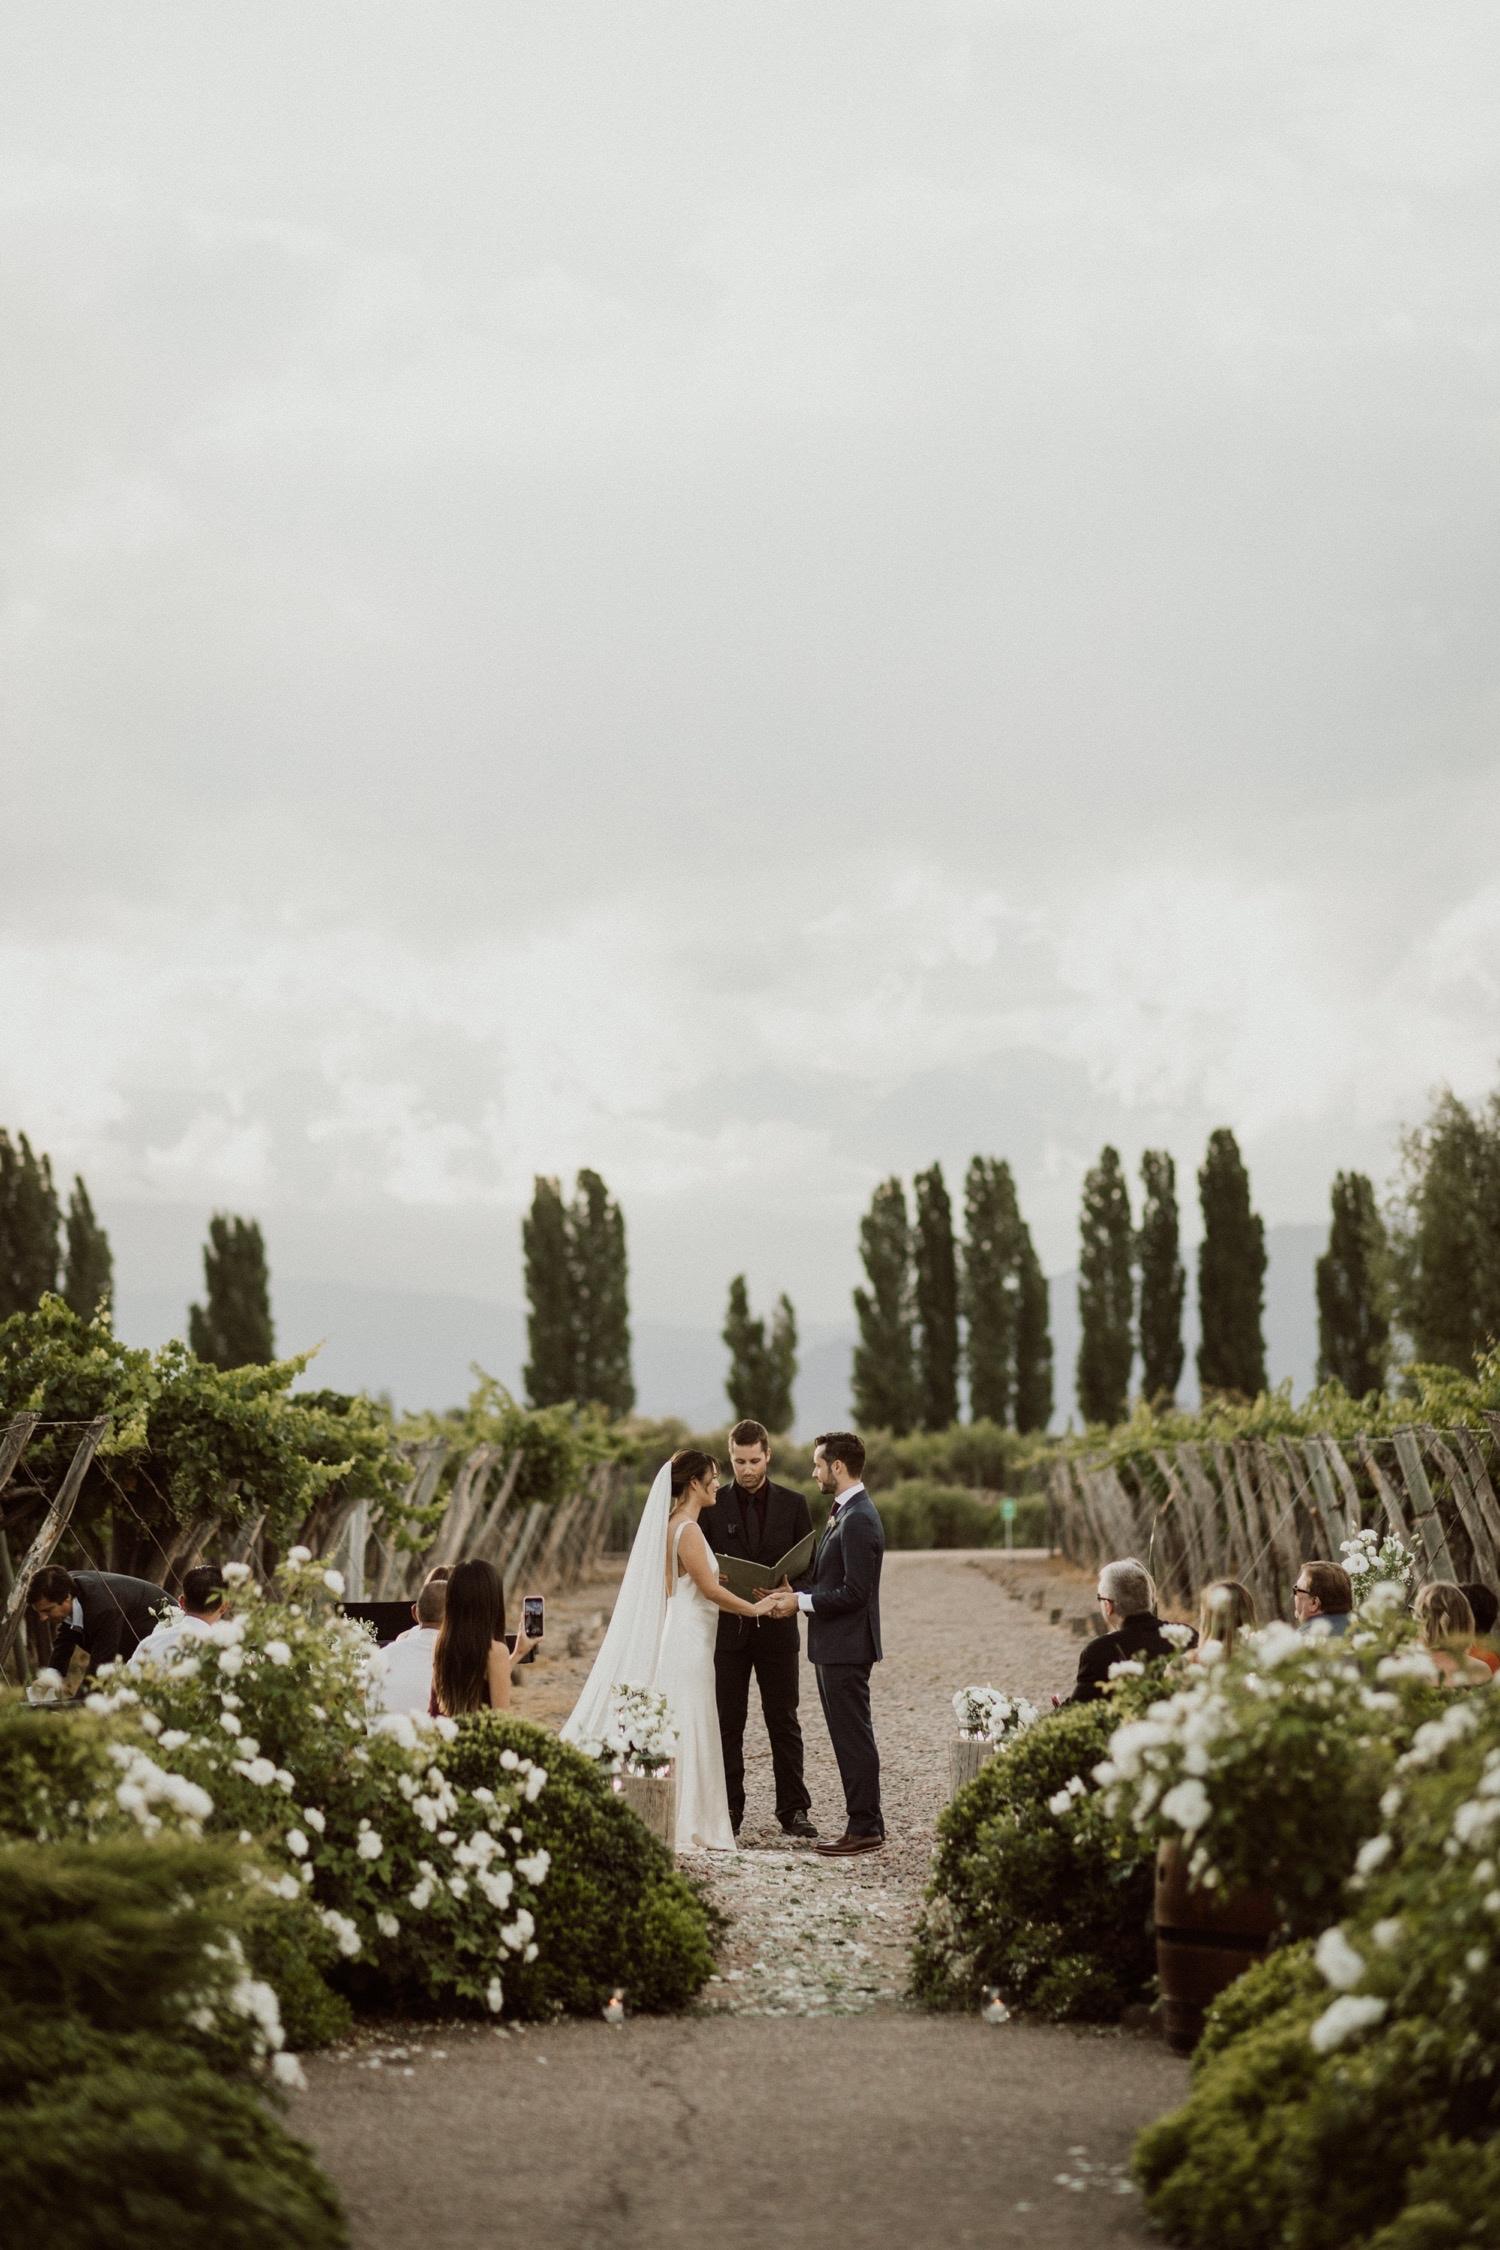 060_south_america_wedding_venues_best.jpg